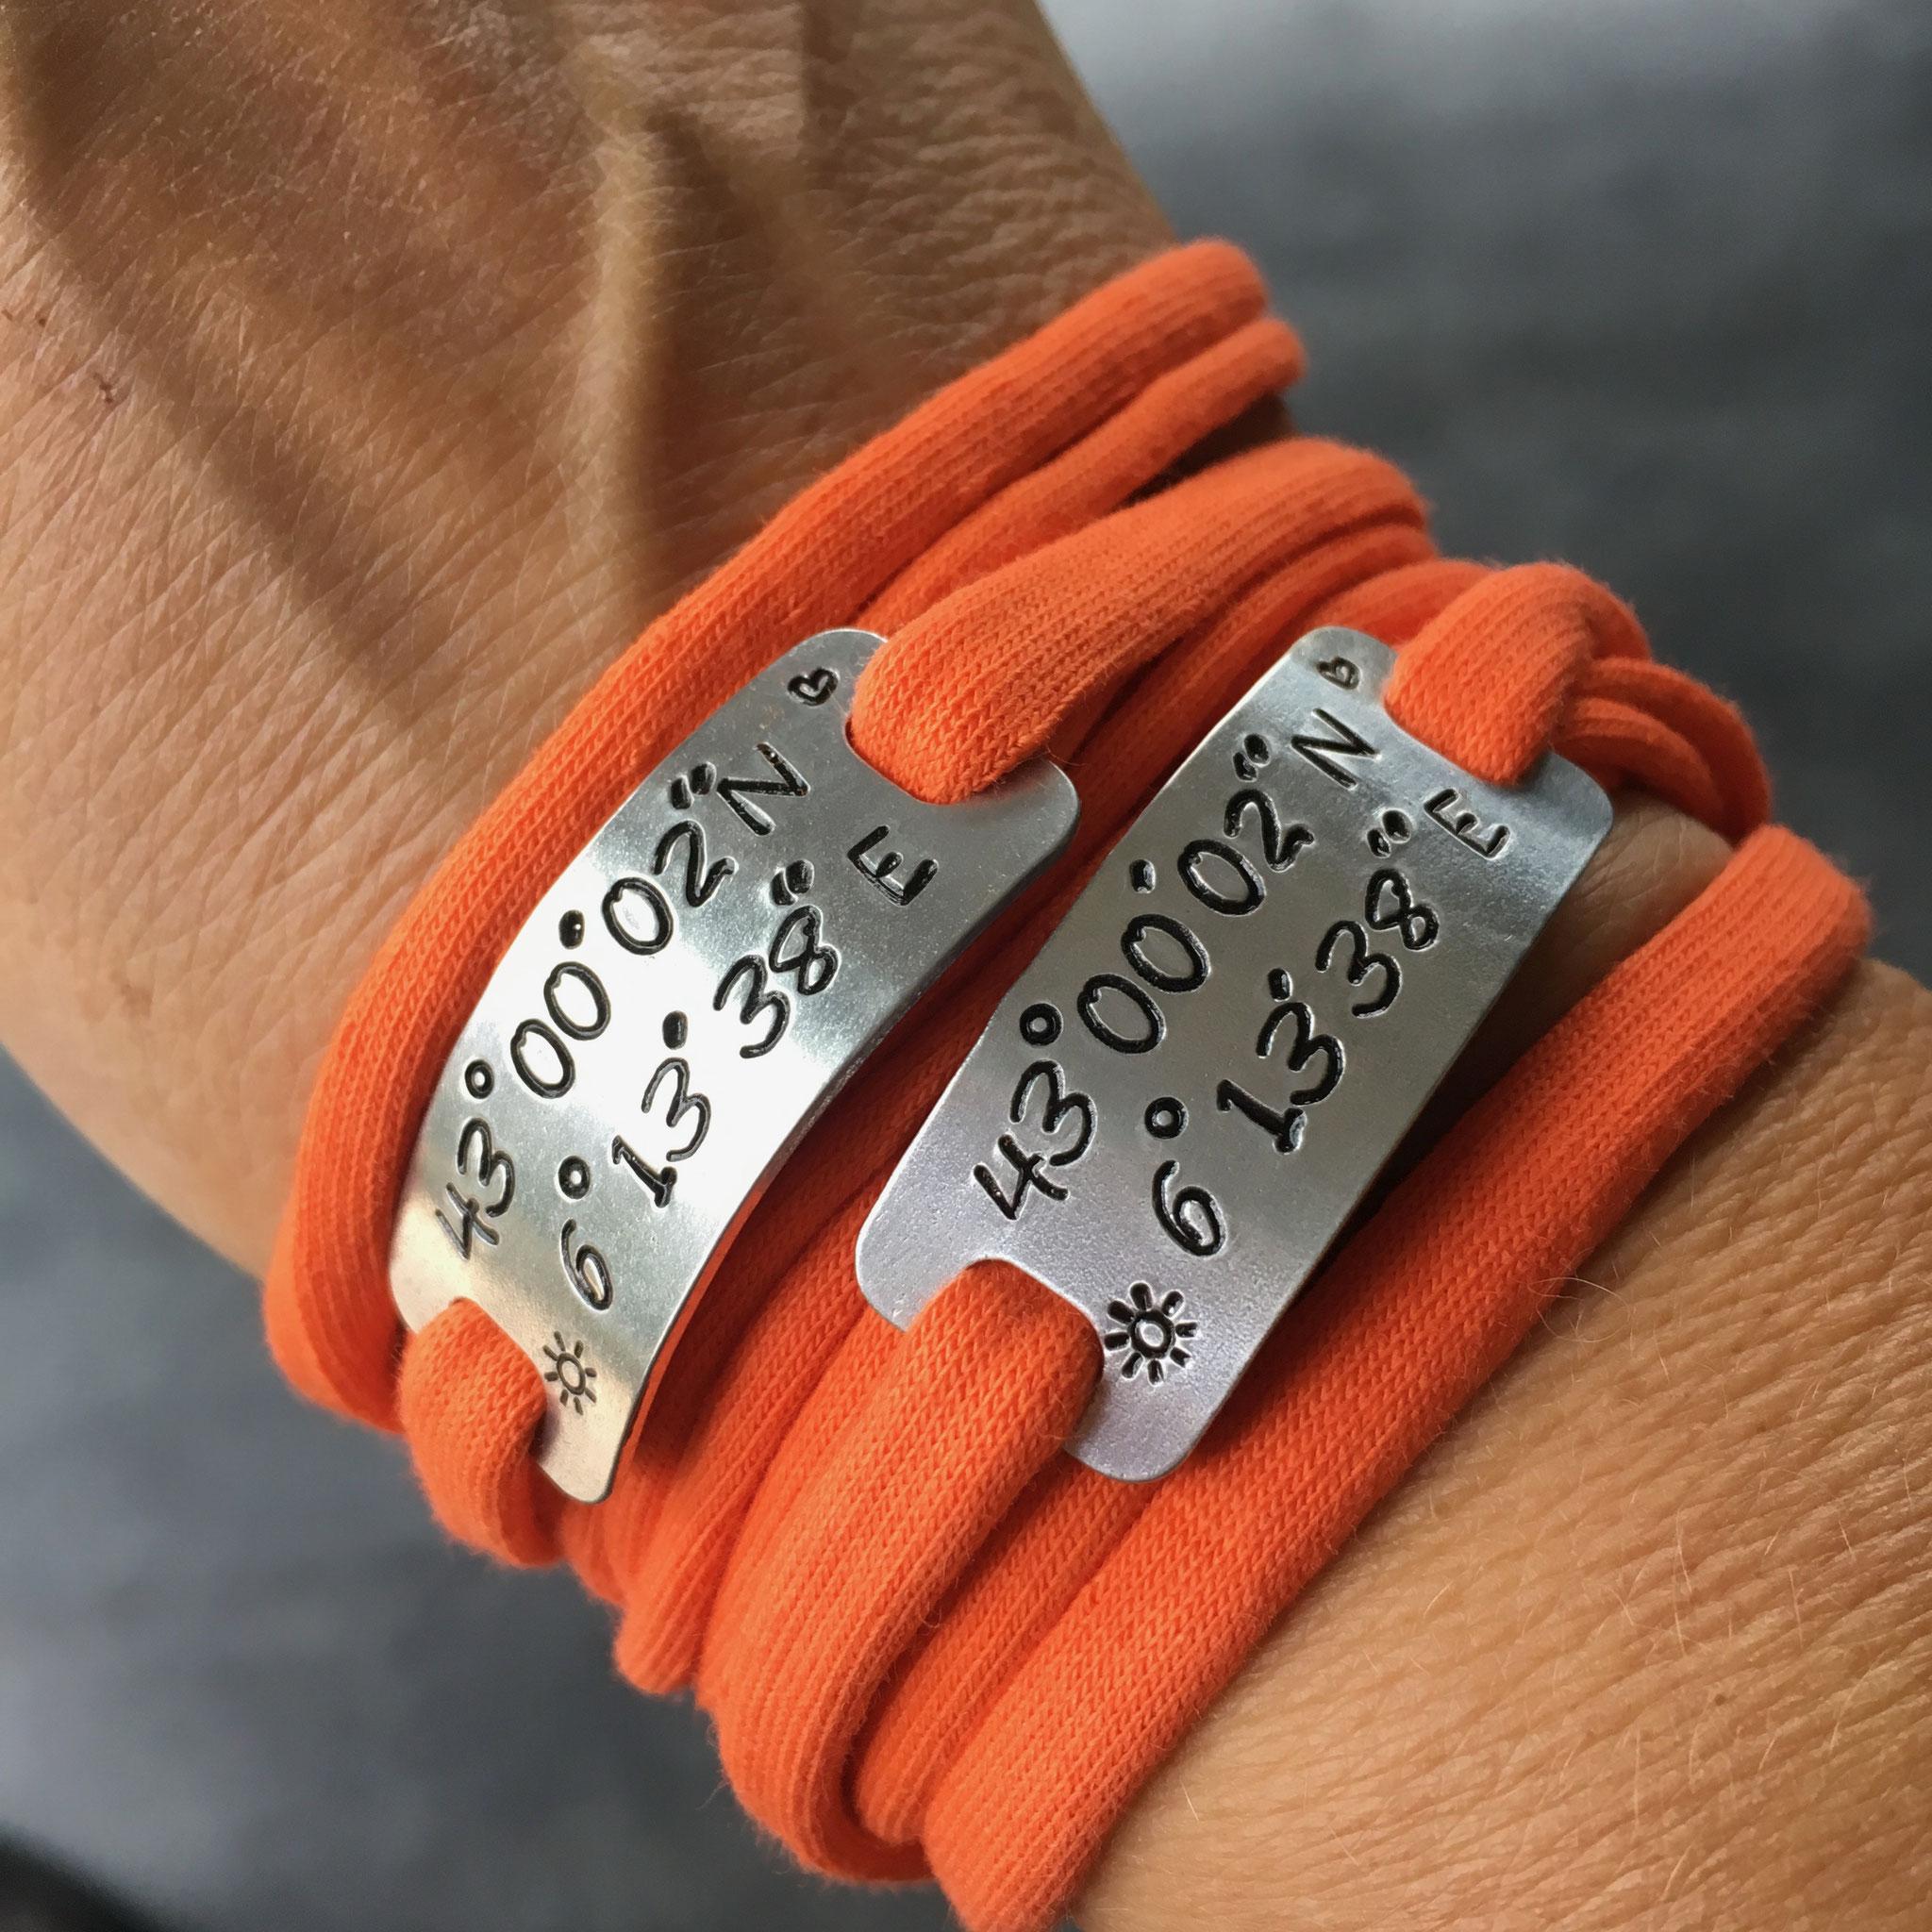 Bracelet bijoux sport plaque métal gravée poinçonnée motivation running marathon fait main made in France gps latitude longitude